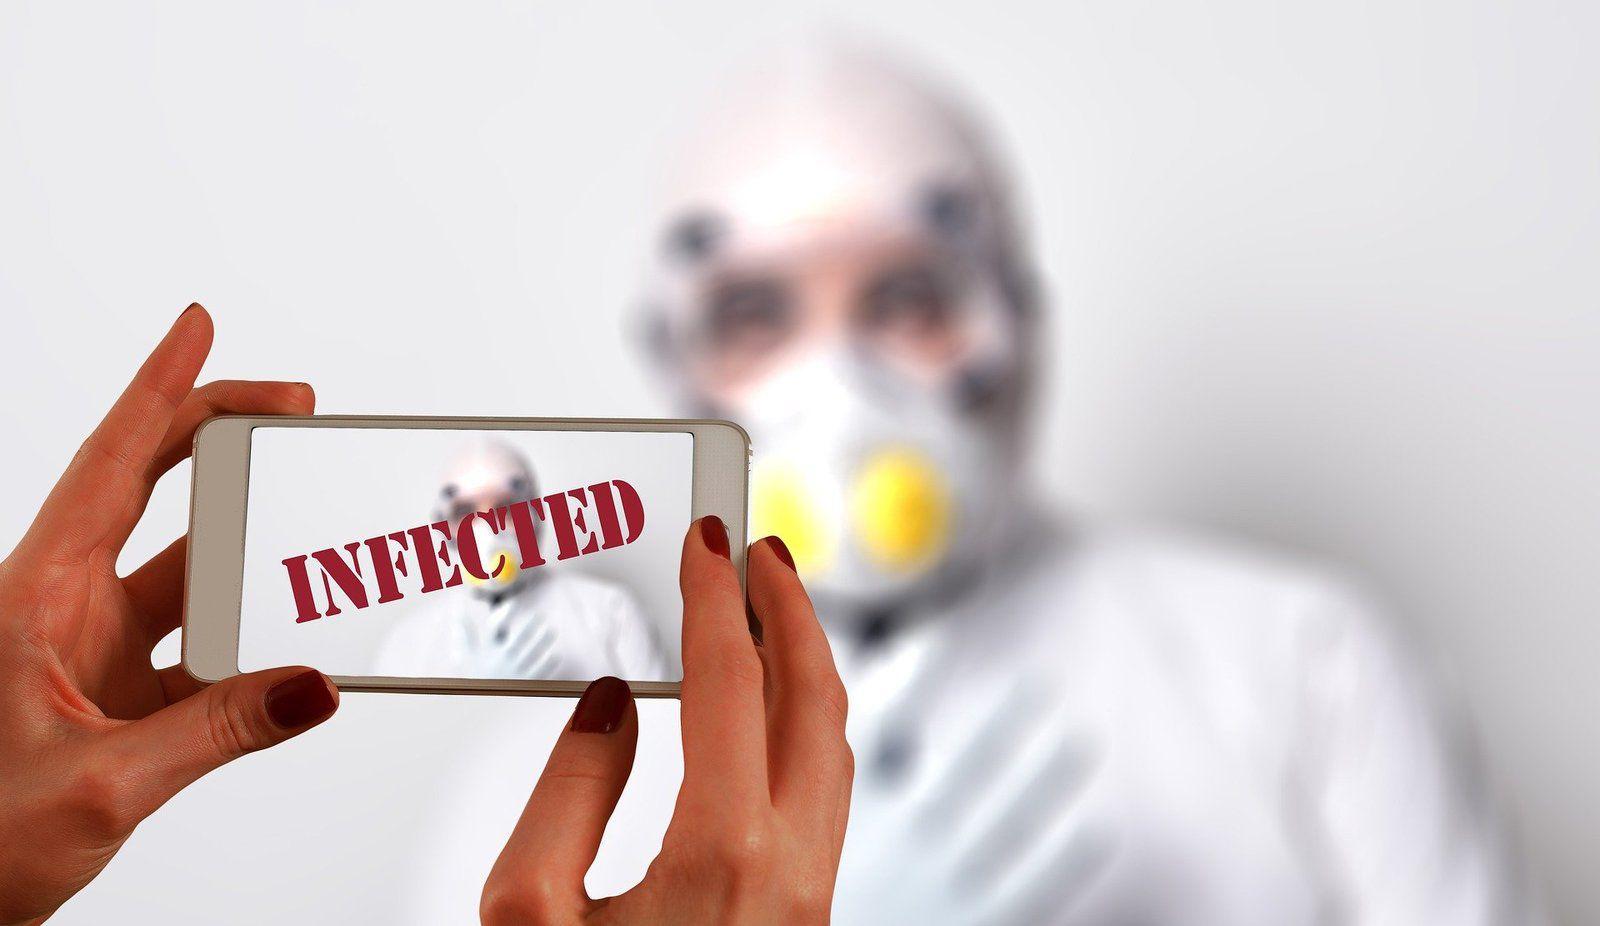 Coronavirus : Le Conseil départemental de la Haute-Garonne distribue des kits de protection d'urgence aux agents départementaux en lien avec du public